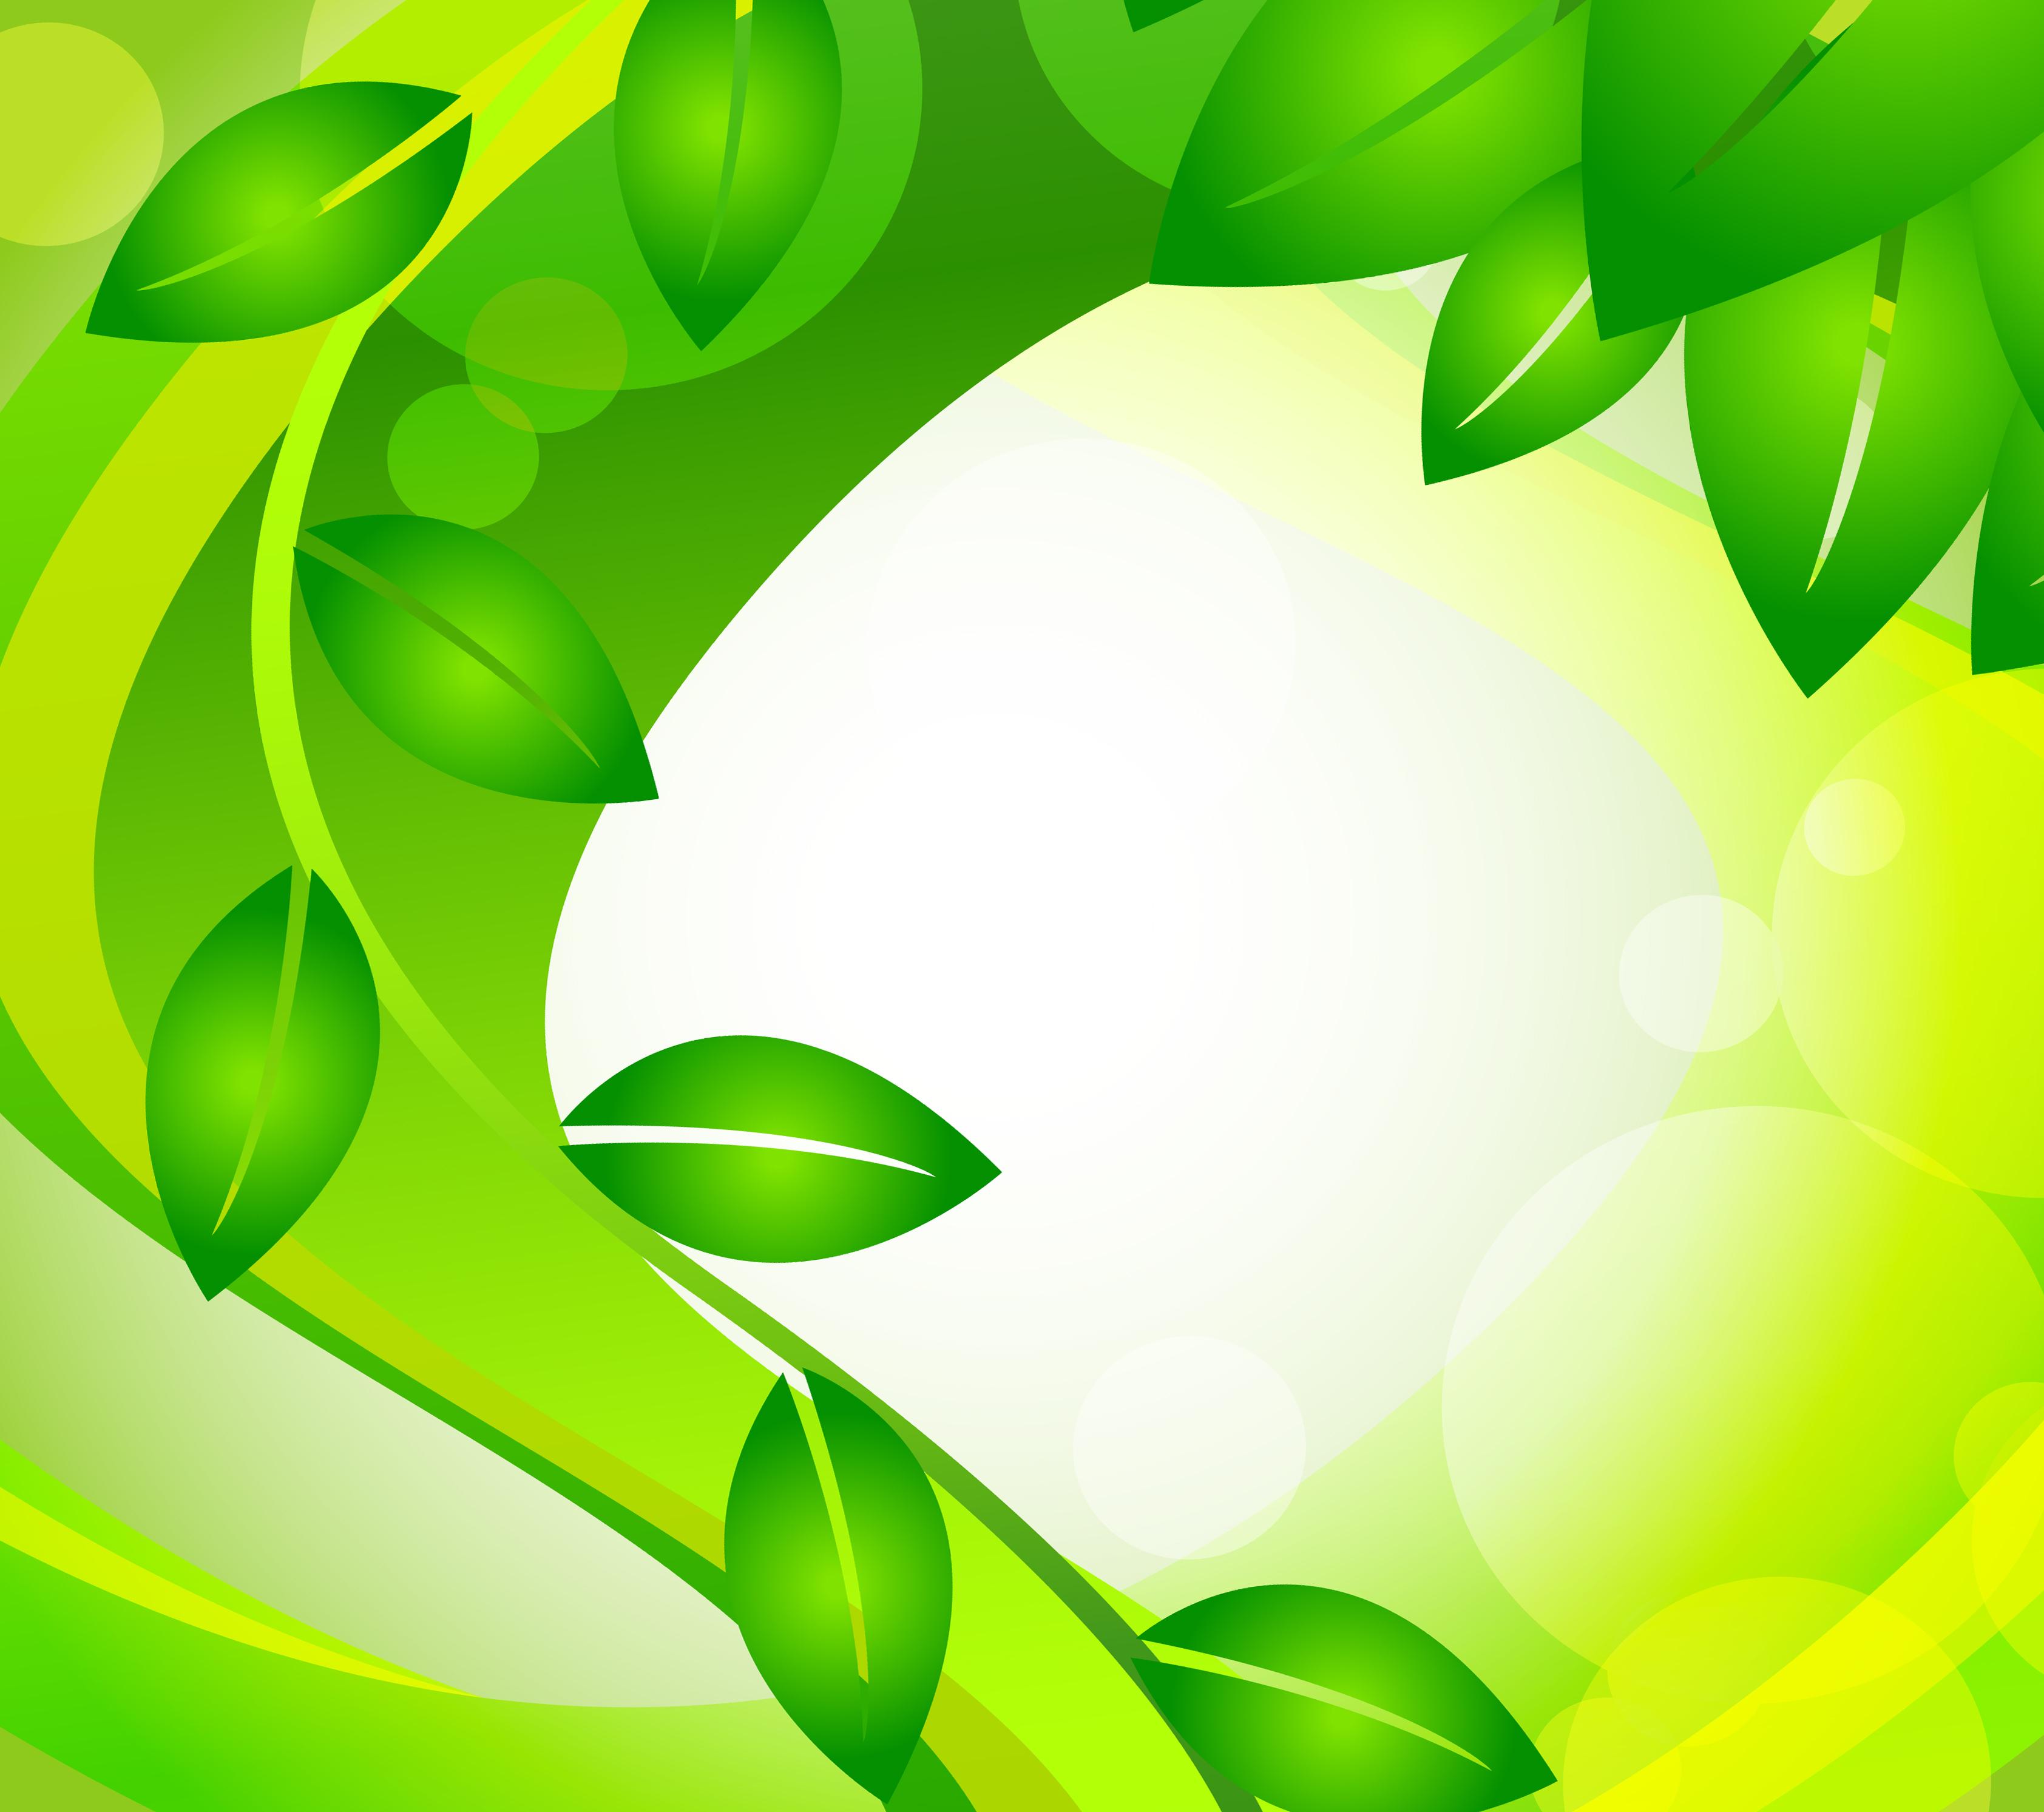 Зеленый фон для поздравления 54